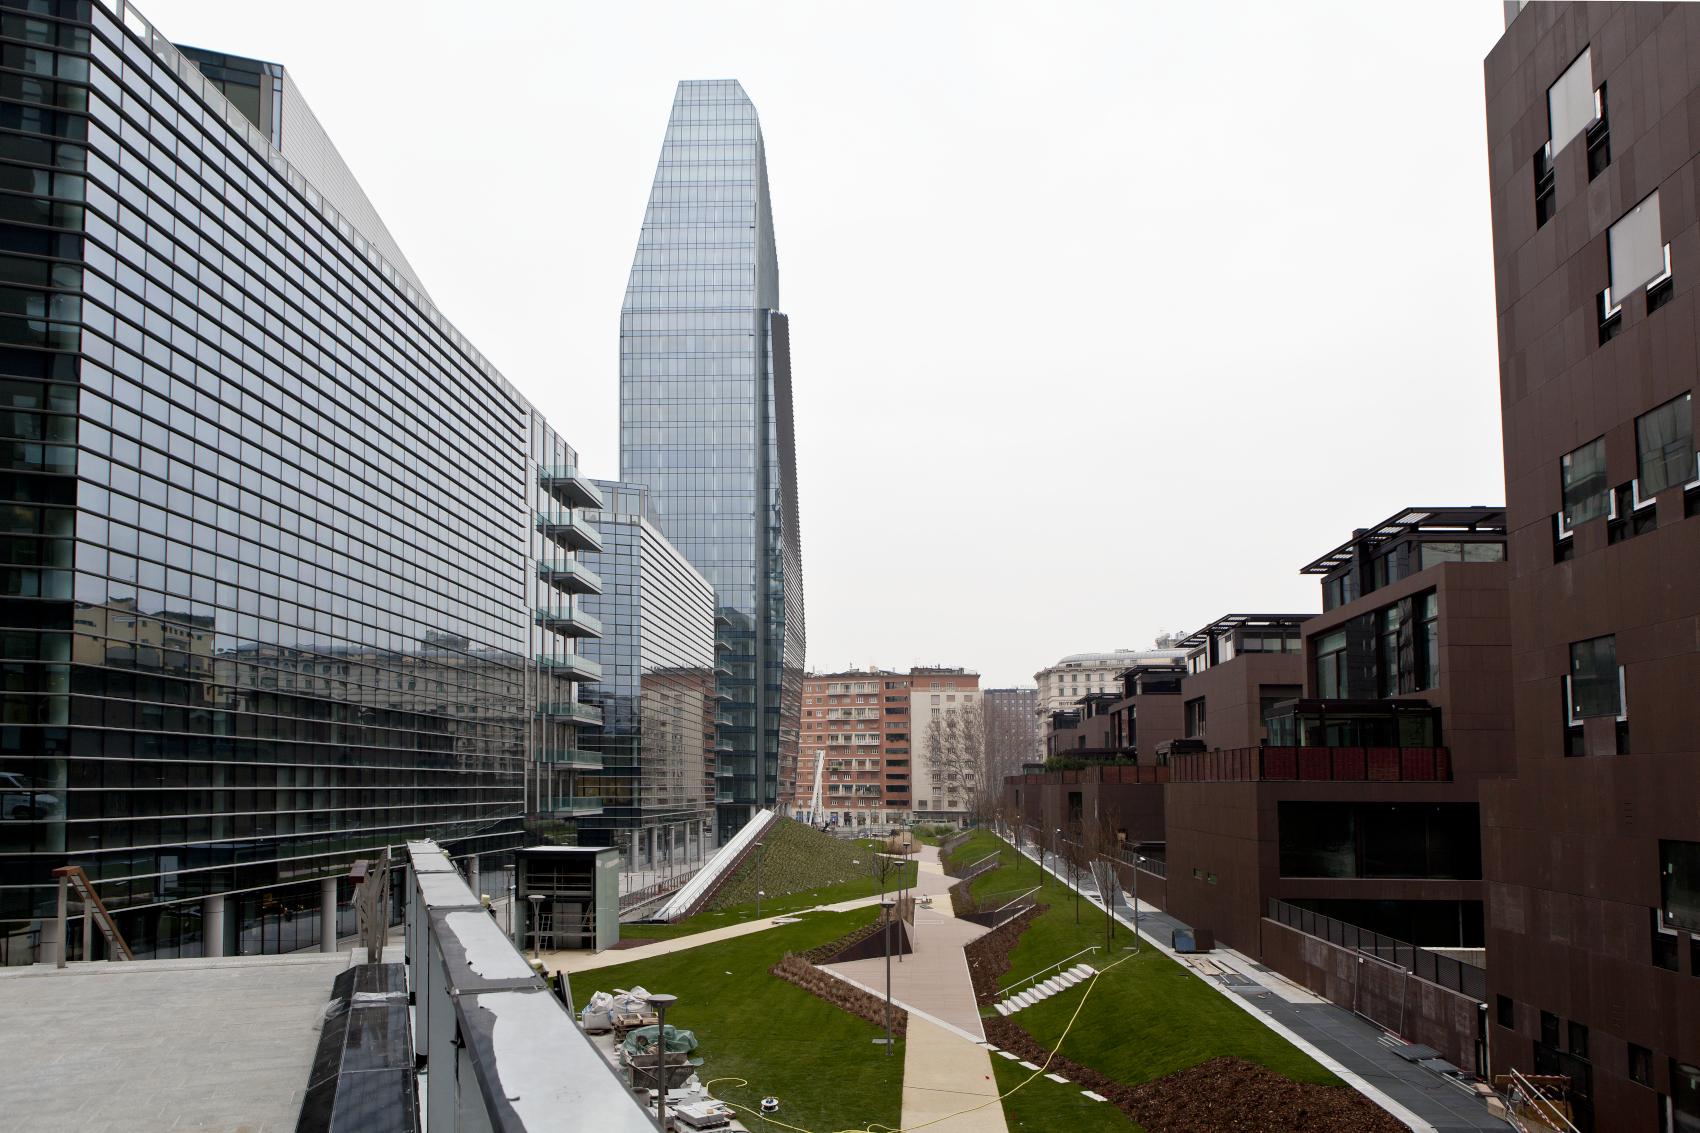 Milano Porta Nuova, Italia – Complesso polifunzionale - Oikos